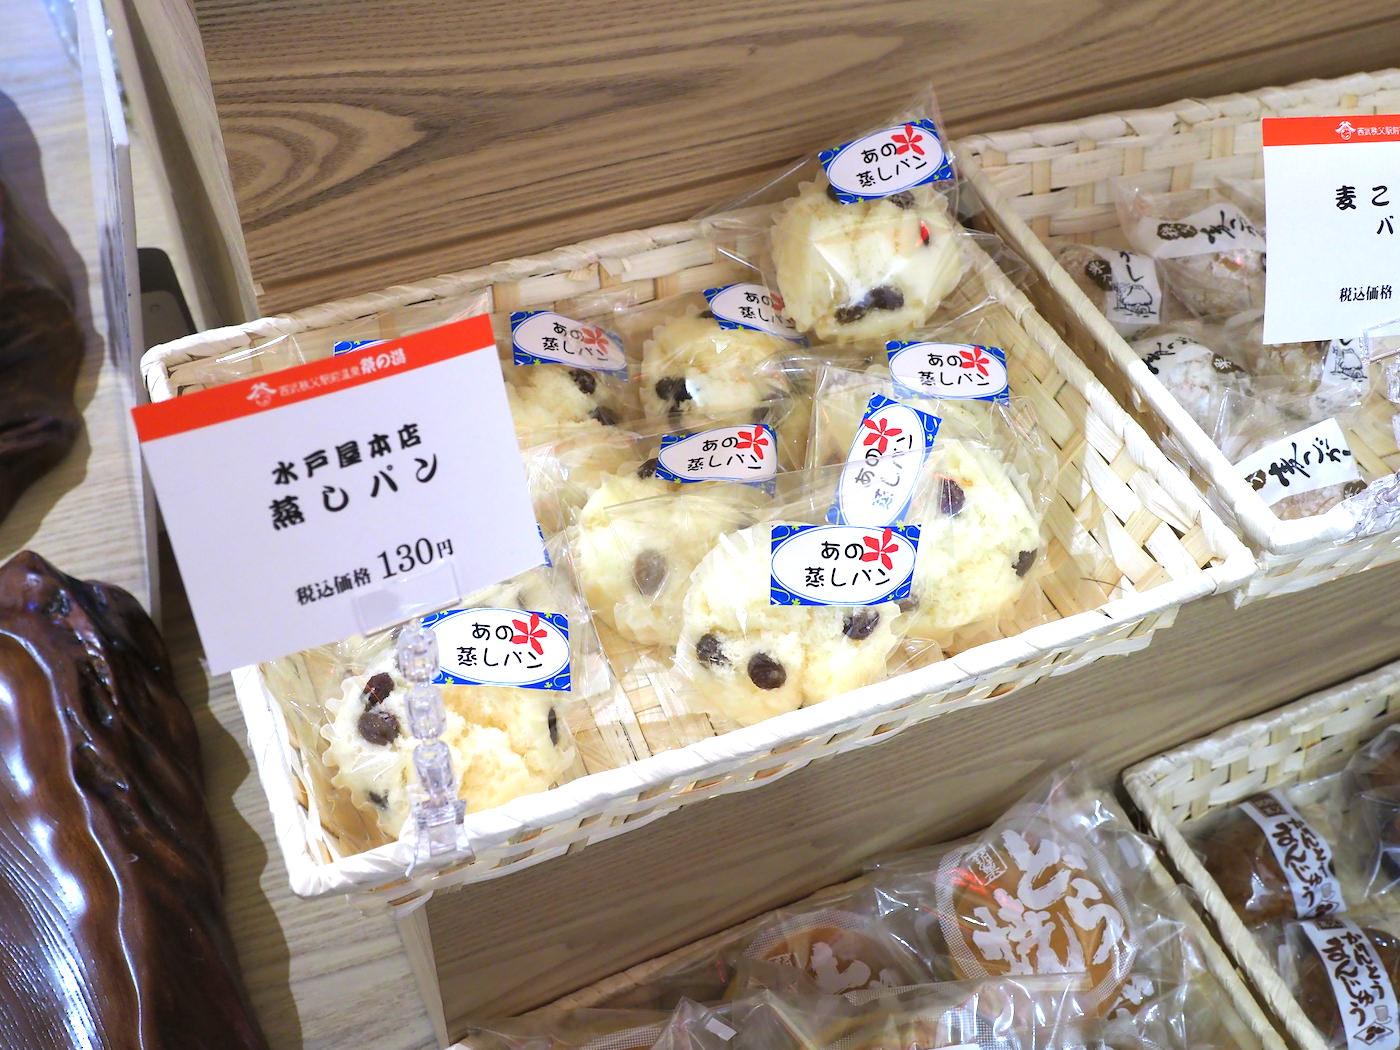 Chichibu ekimae onsen matsuri no yu 00009